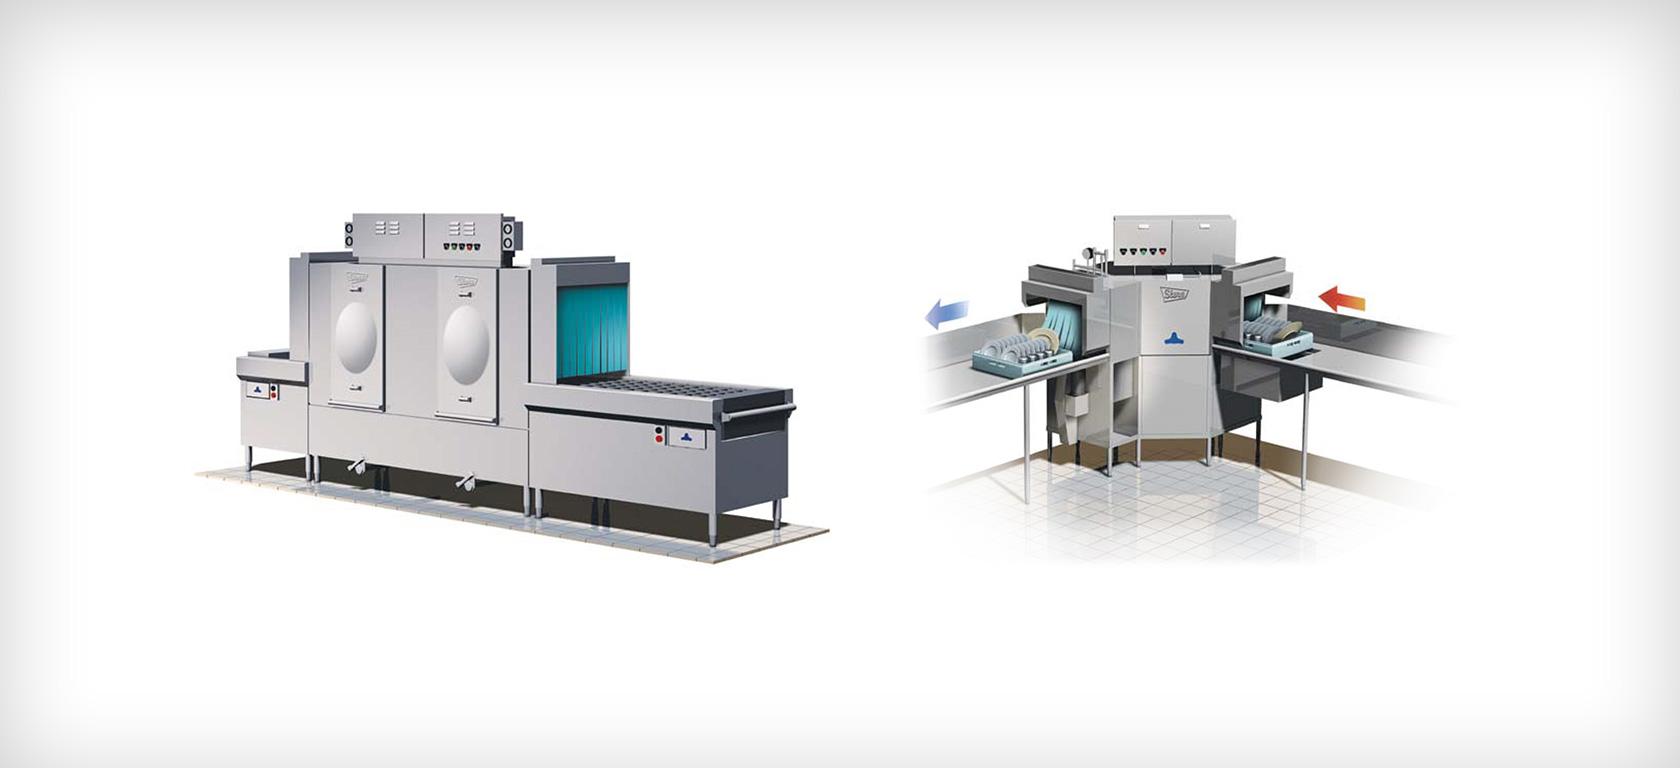 GlassWasher and conveyor